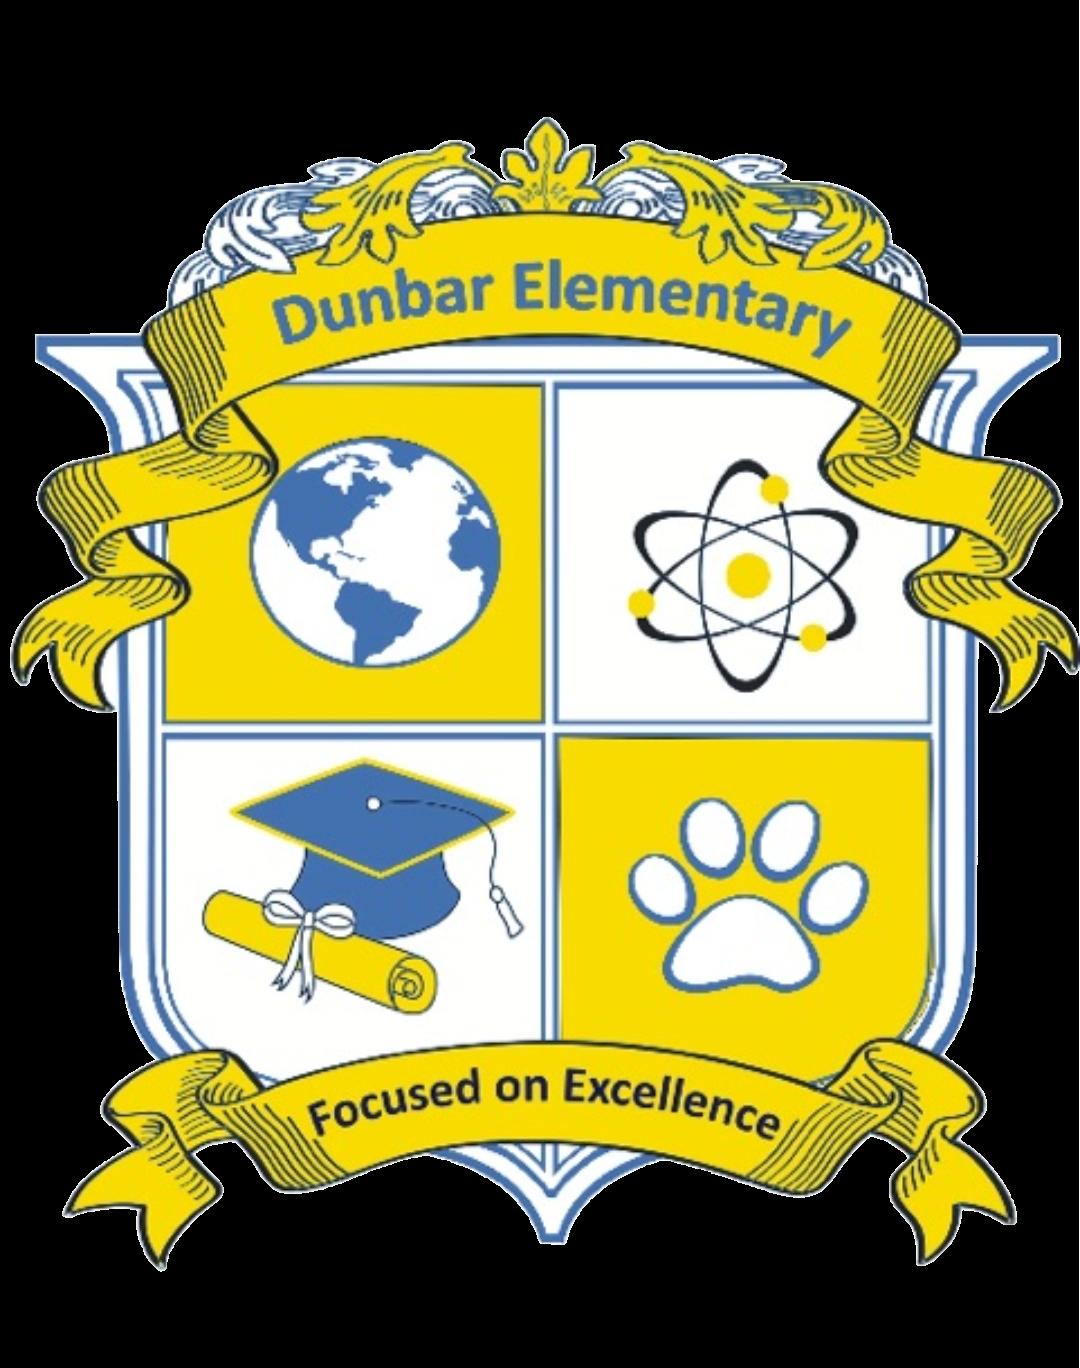 Dress clipart malay. Dunbar elementary school overview